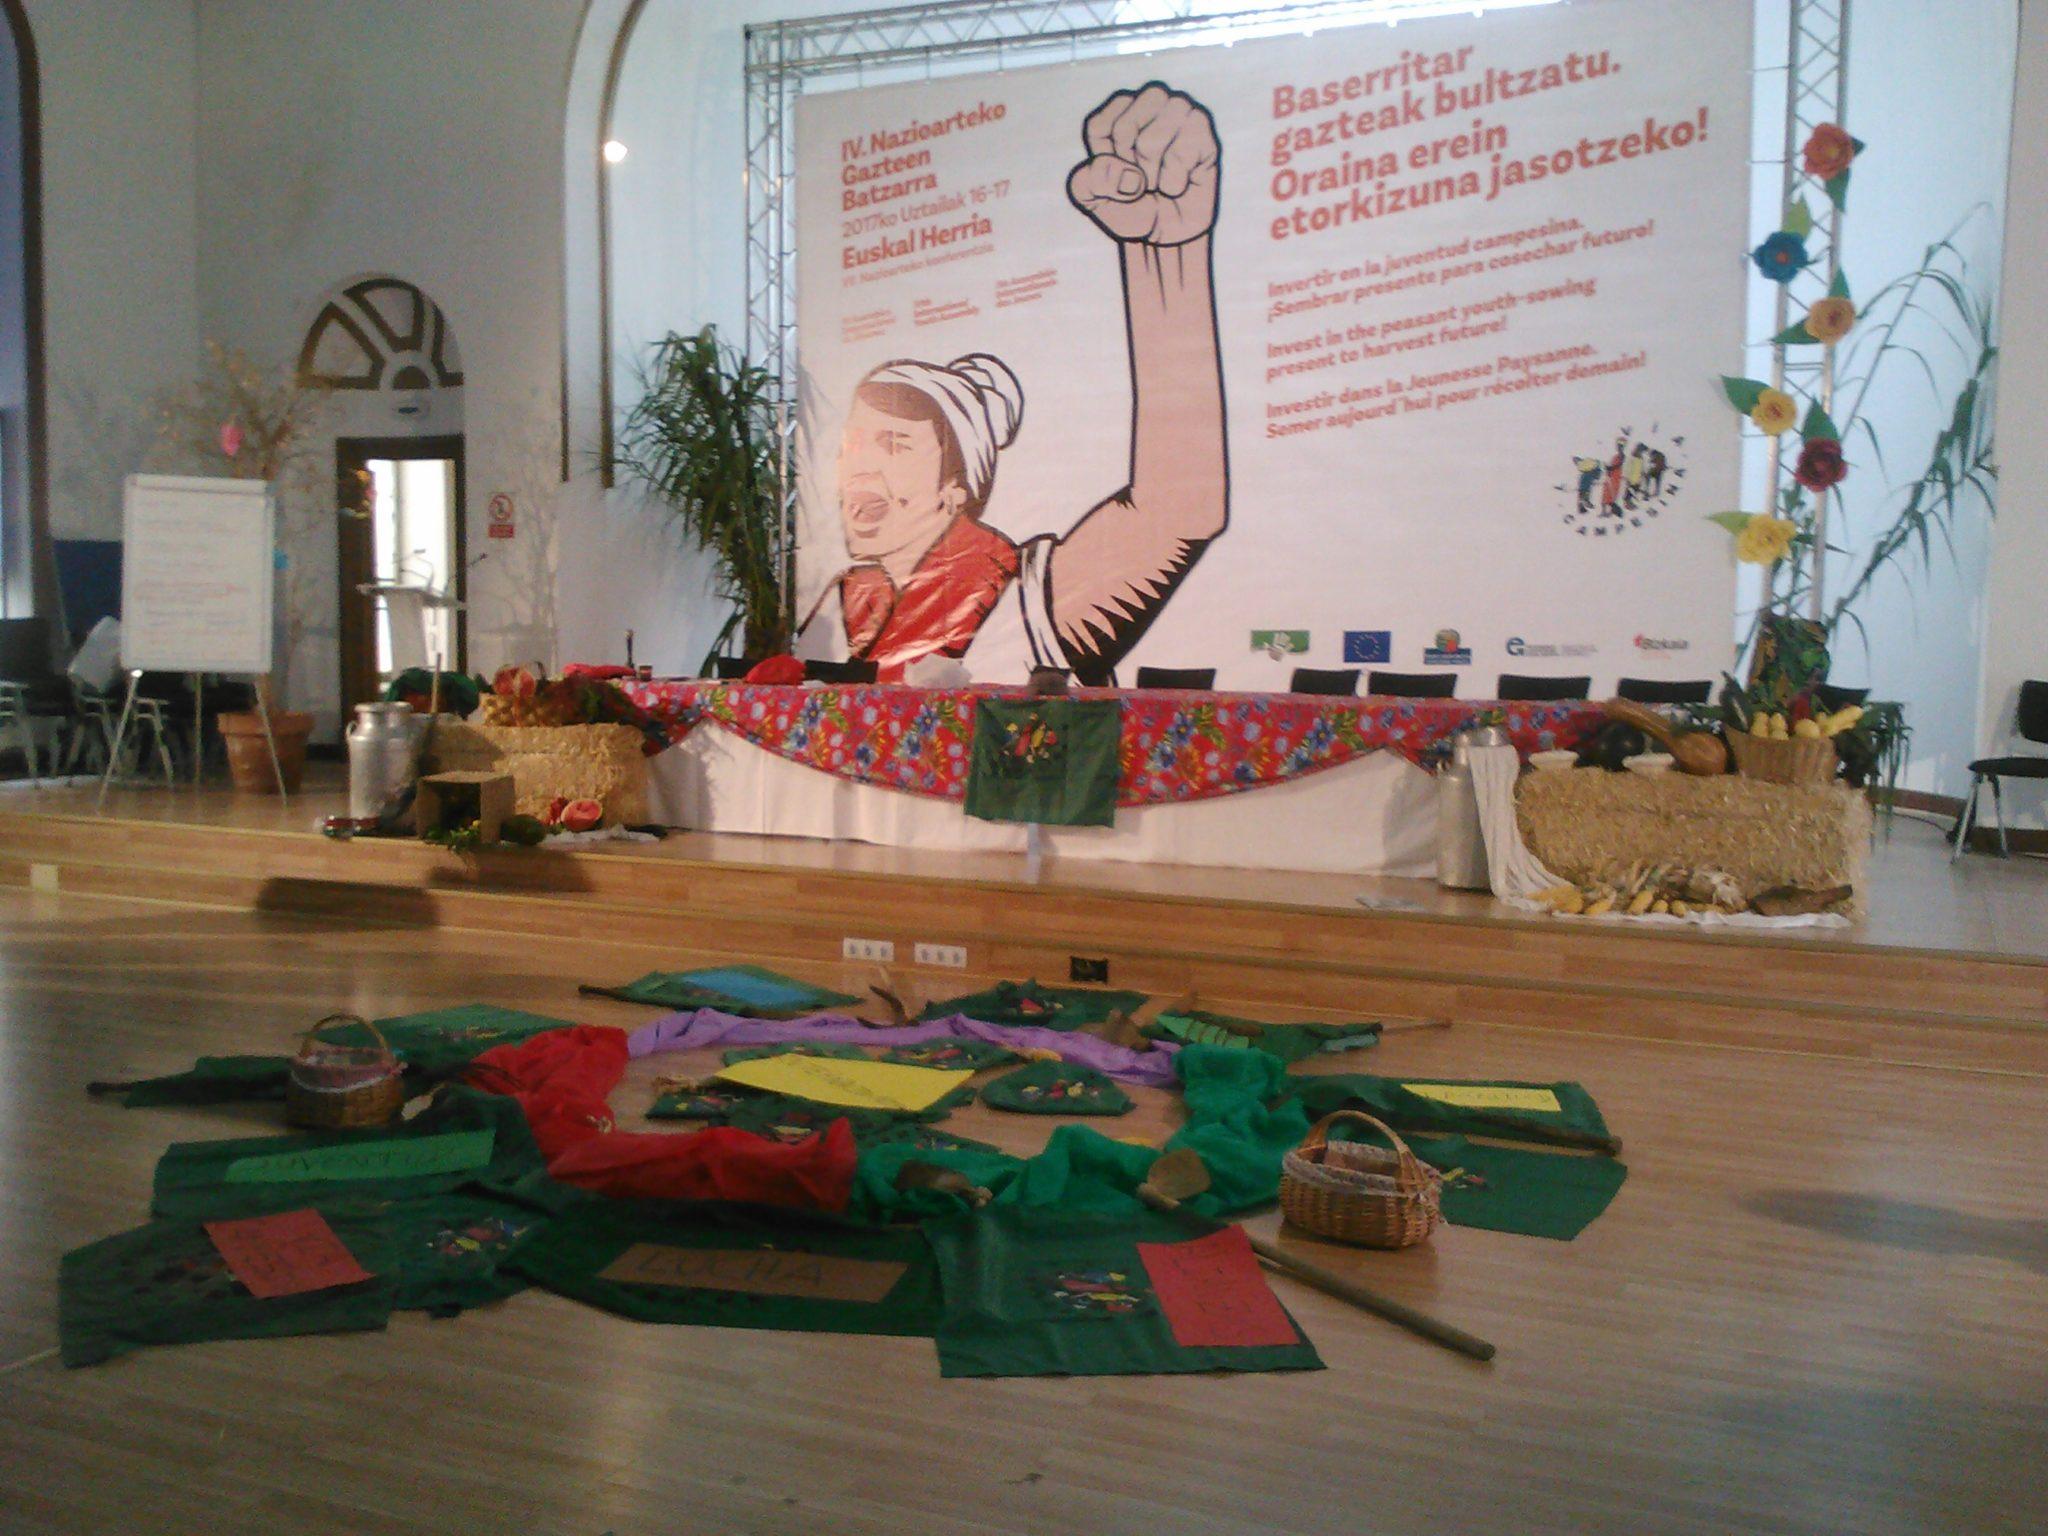 De retour, le délégué de l'Union paysanne partage son expérience au Pays basque!